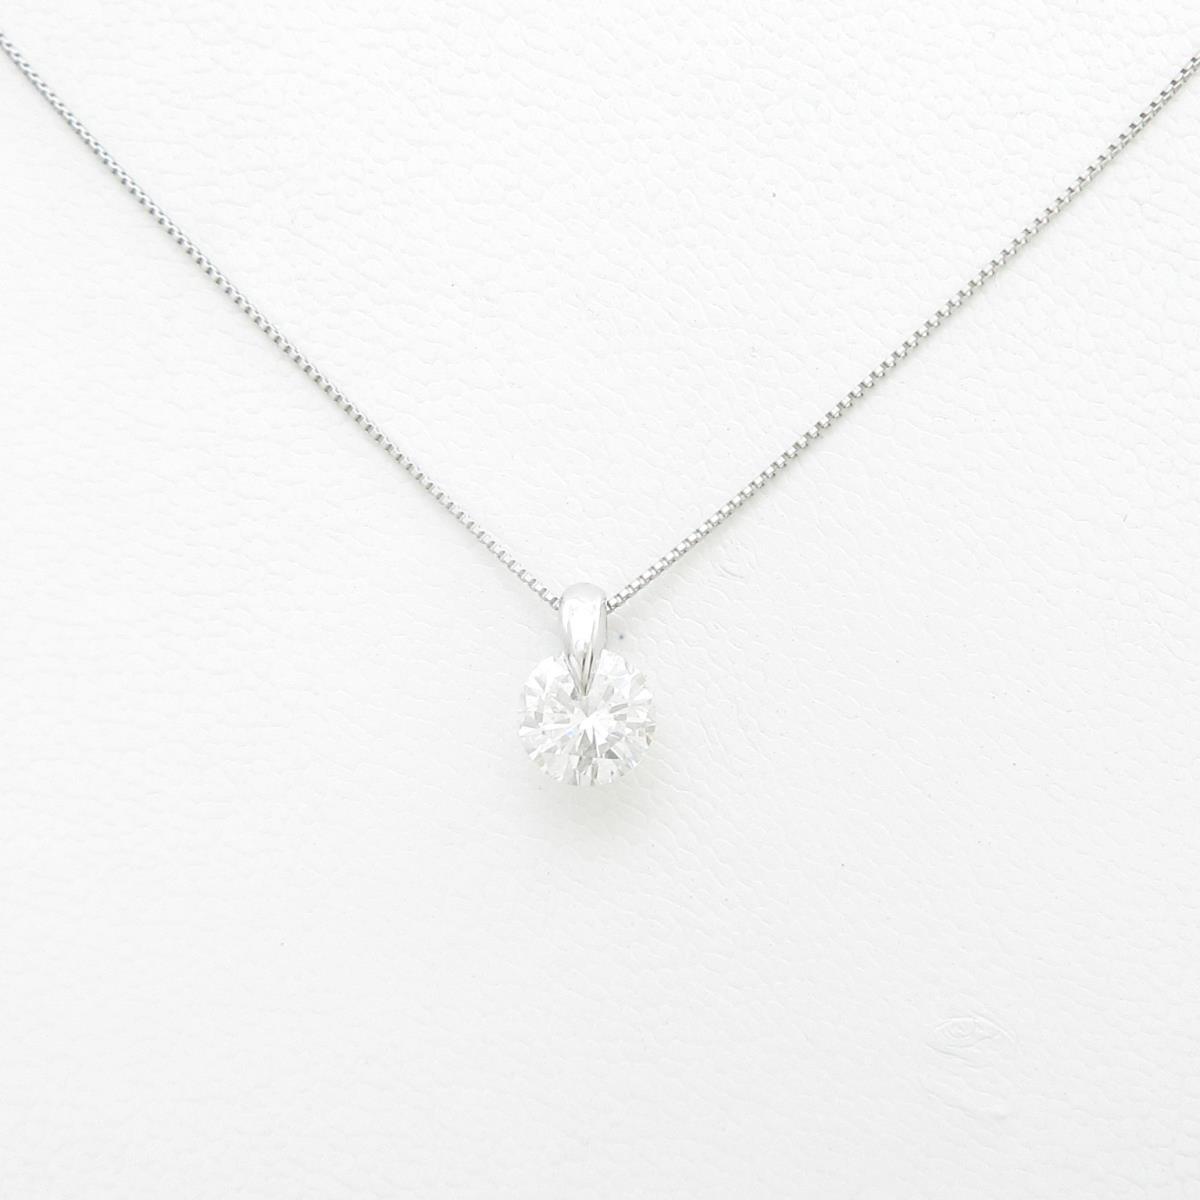 【リメイク】プラチナダイヤモンドネックレス 1.097ct・G・I1・GOOD【中古】